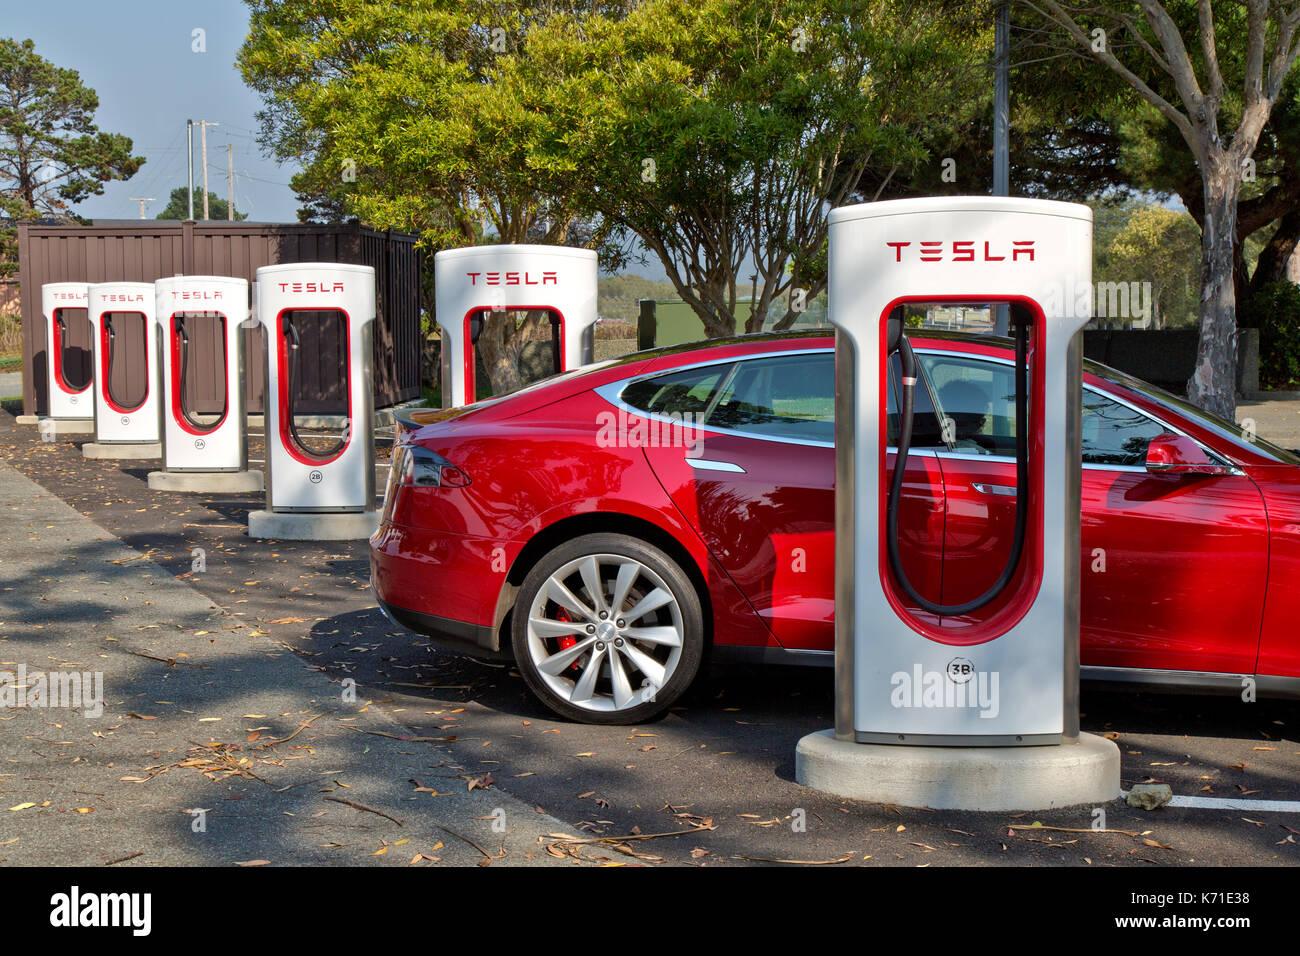 Tesla 'S' sedan collegato a 480 volt Supercharger (ricarica rapida) stazione. Immagini Stock